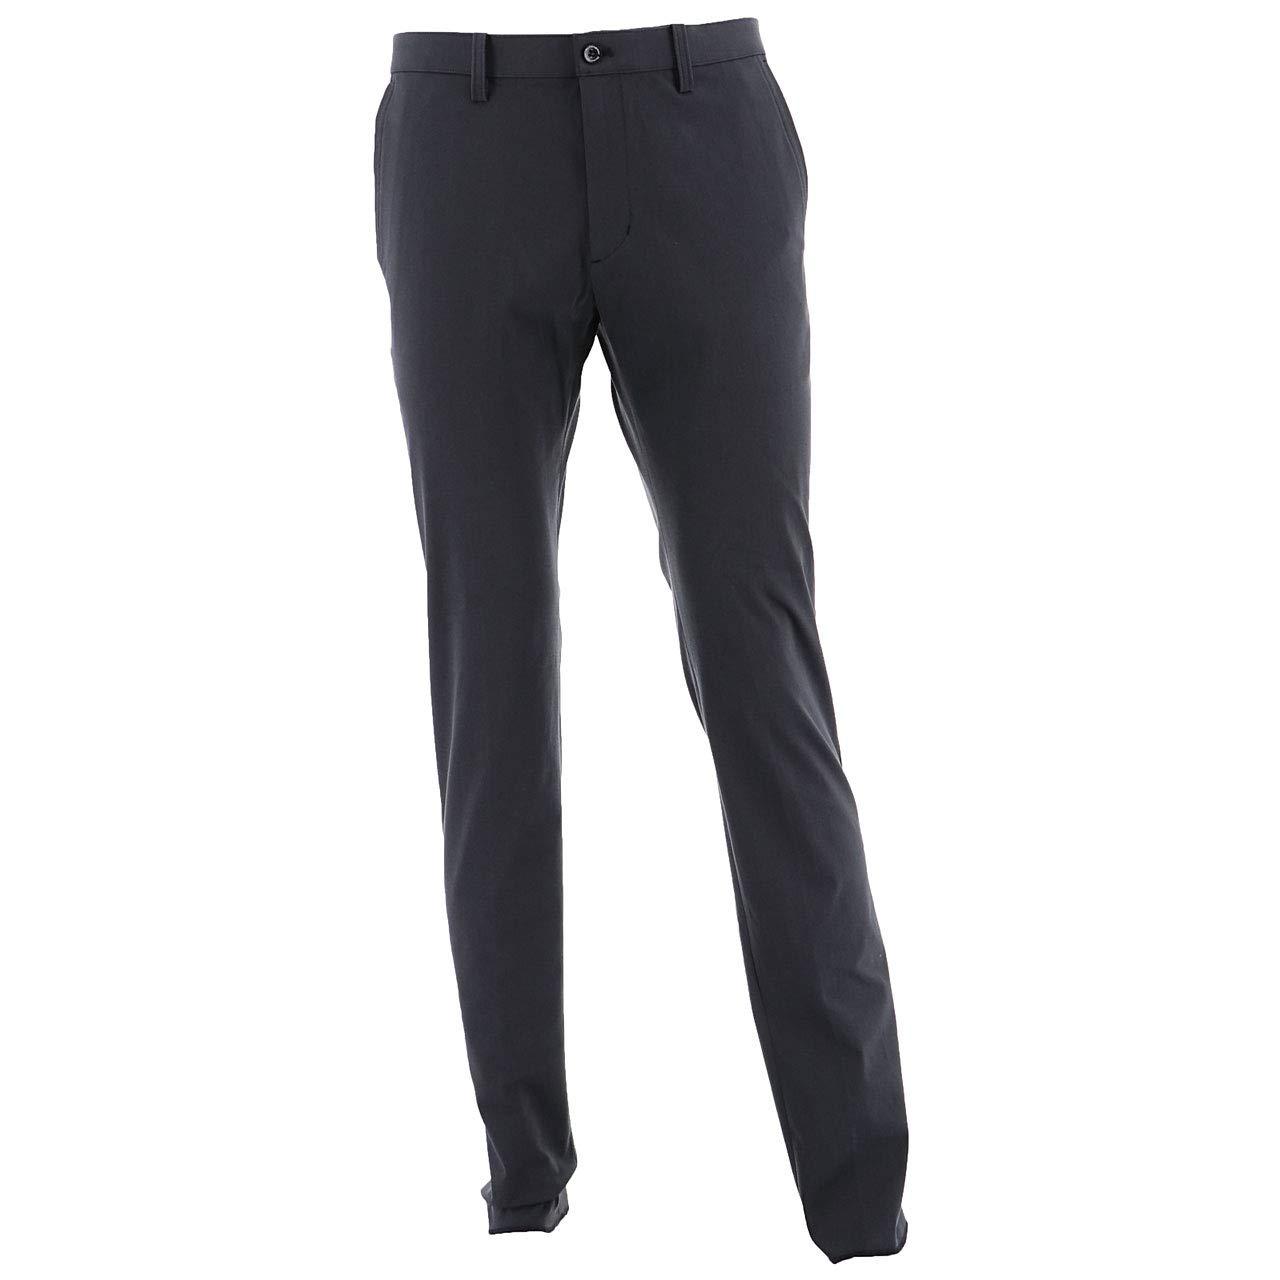 【2018最新作】 マンシングウェア(Munsingwear) MGMLJD05 ノータックパンツ MGMLJD05 88 88 B07PQG42K9 グレー(GY00) B07PQG42K9, ECデザインショップ:9d8f5a5e --- ballyshannonshow.com